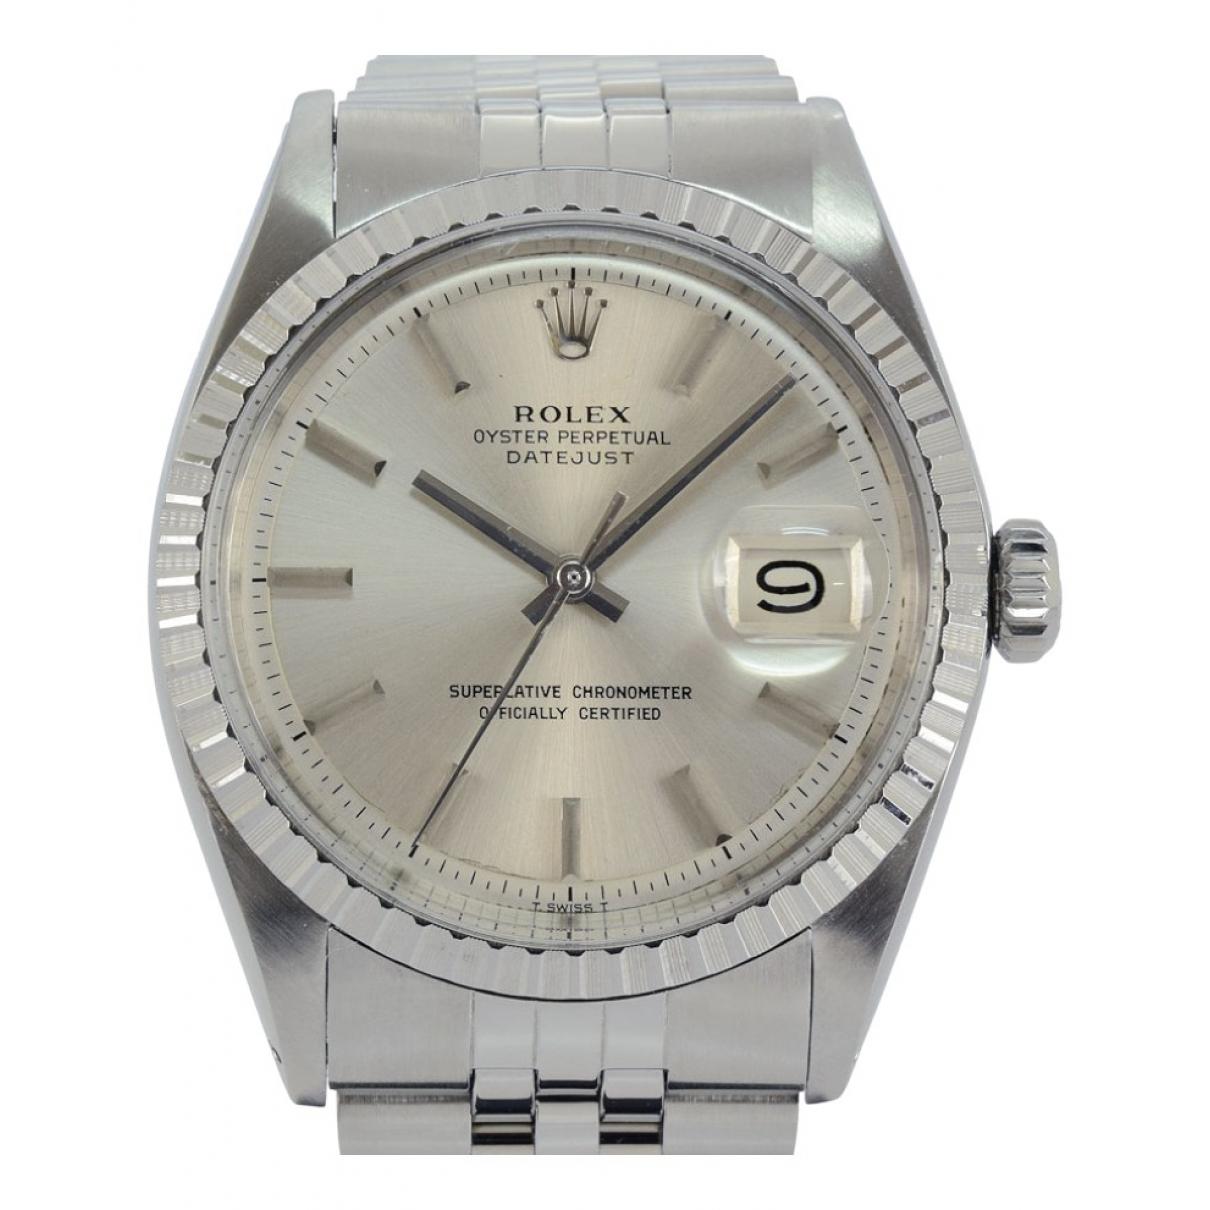 Rolex Datejust 36mm Uhr in  Silber Stahl